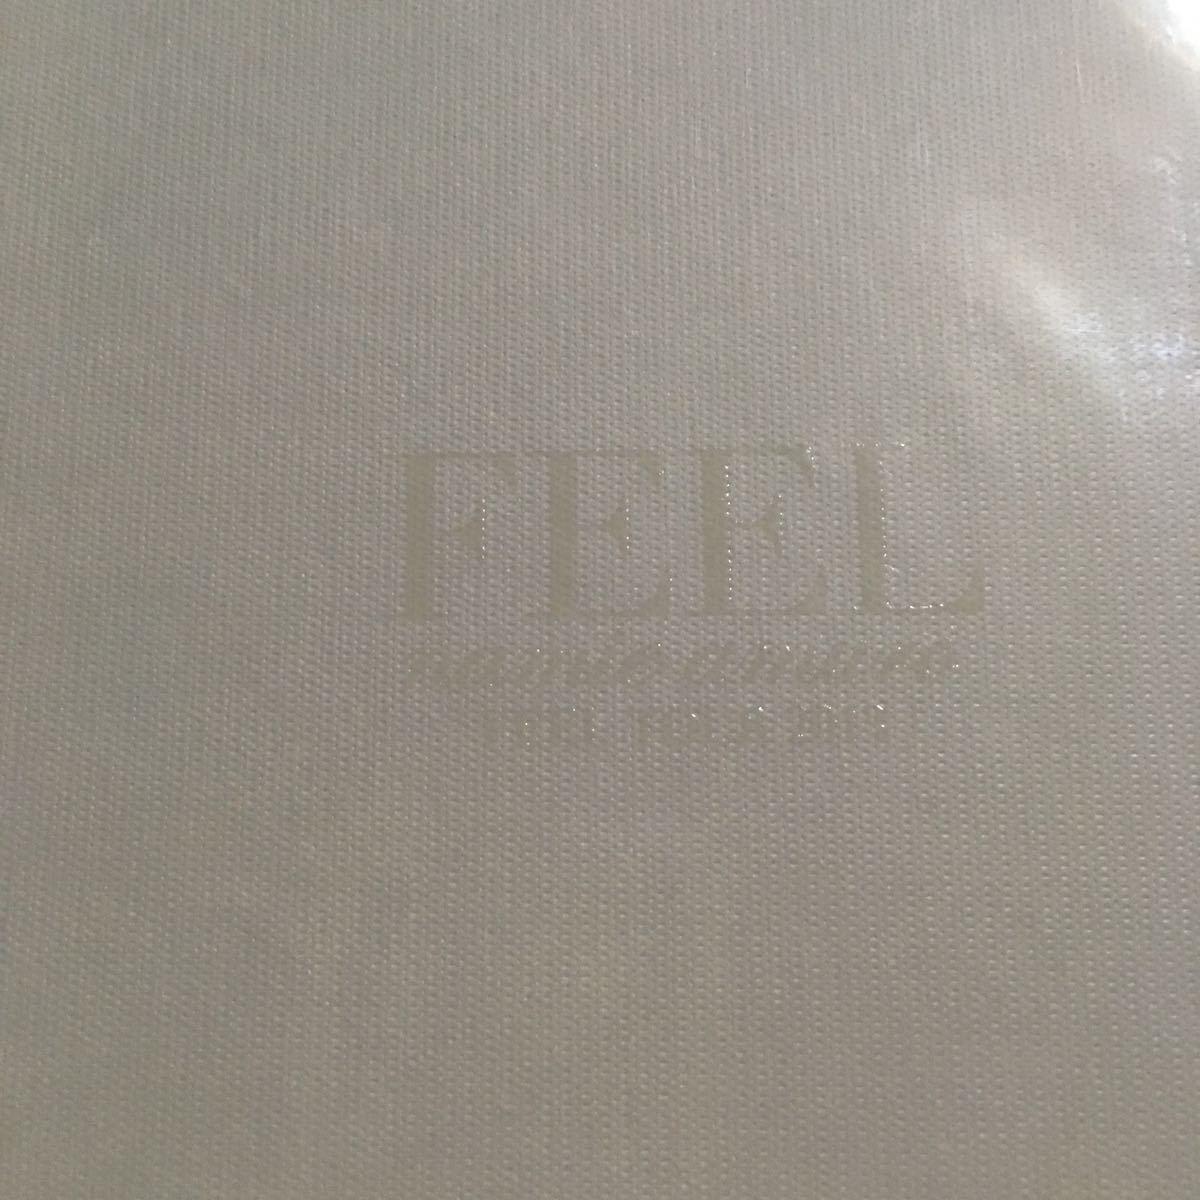 新品 未開封 安室奈美恵 FEEL TOUR 2013 パンフレット レア ツアー グッズ 沖縄 ポスター_画像3